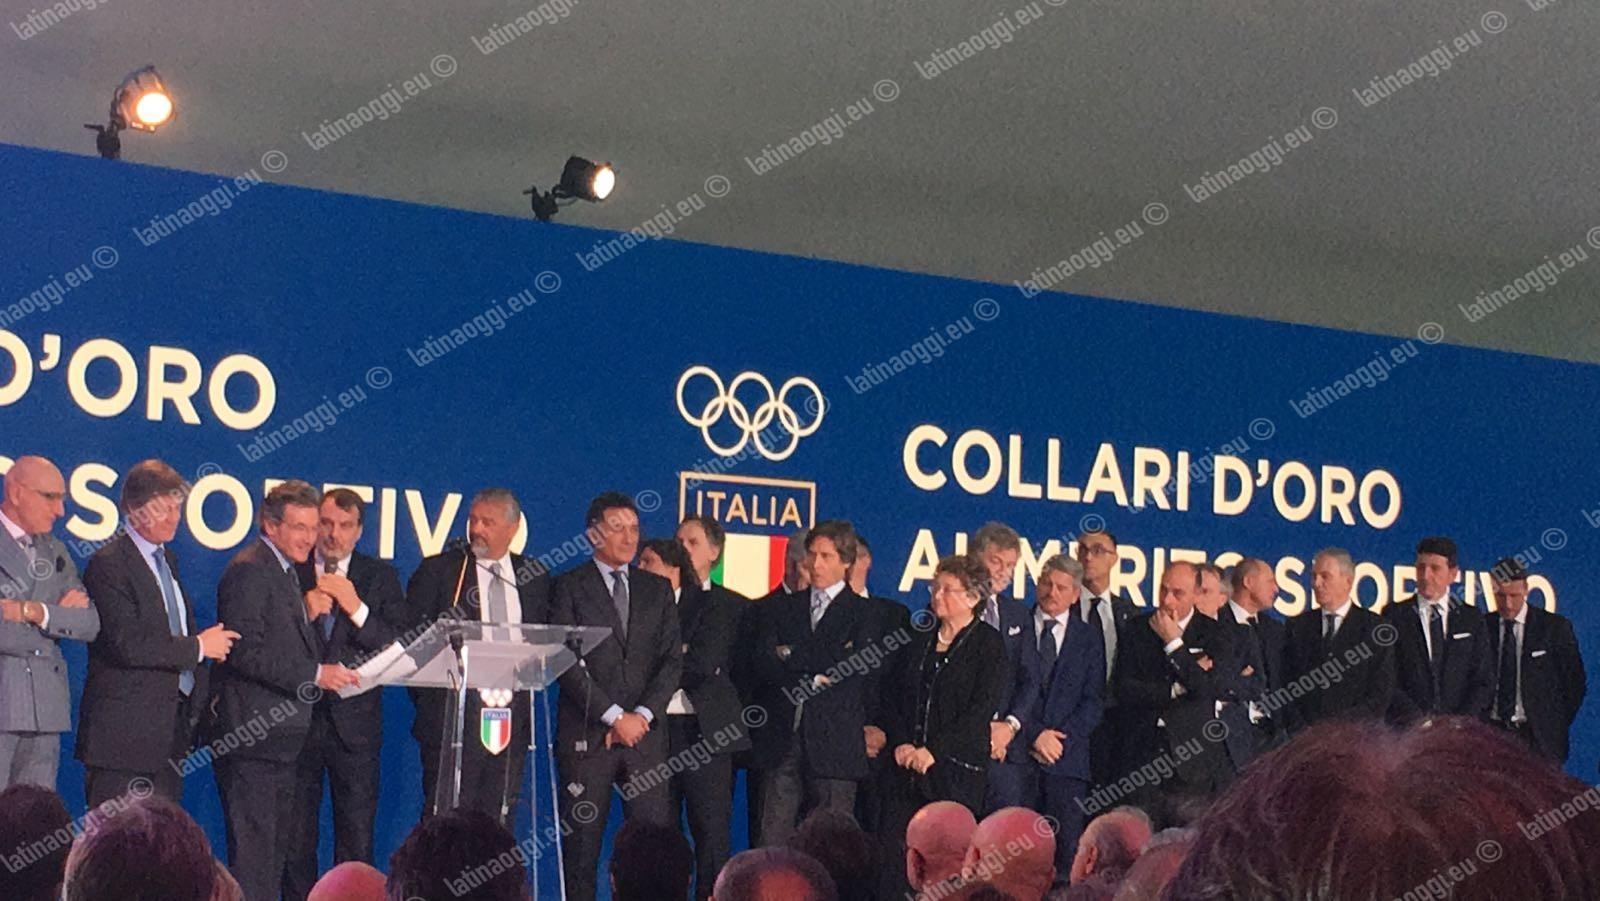 Collare d'Oro al merito sportivo per Emanuele Lambertini